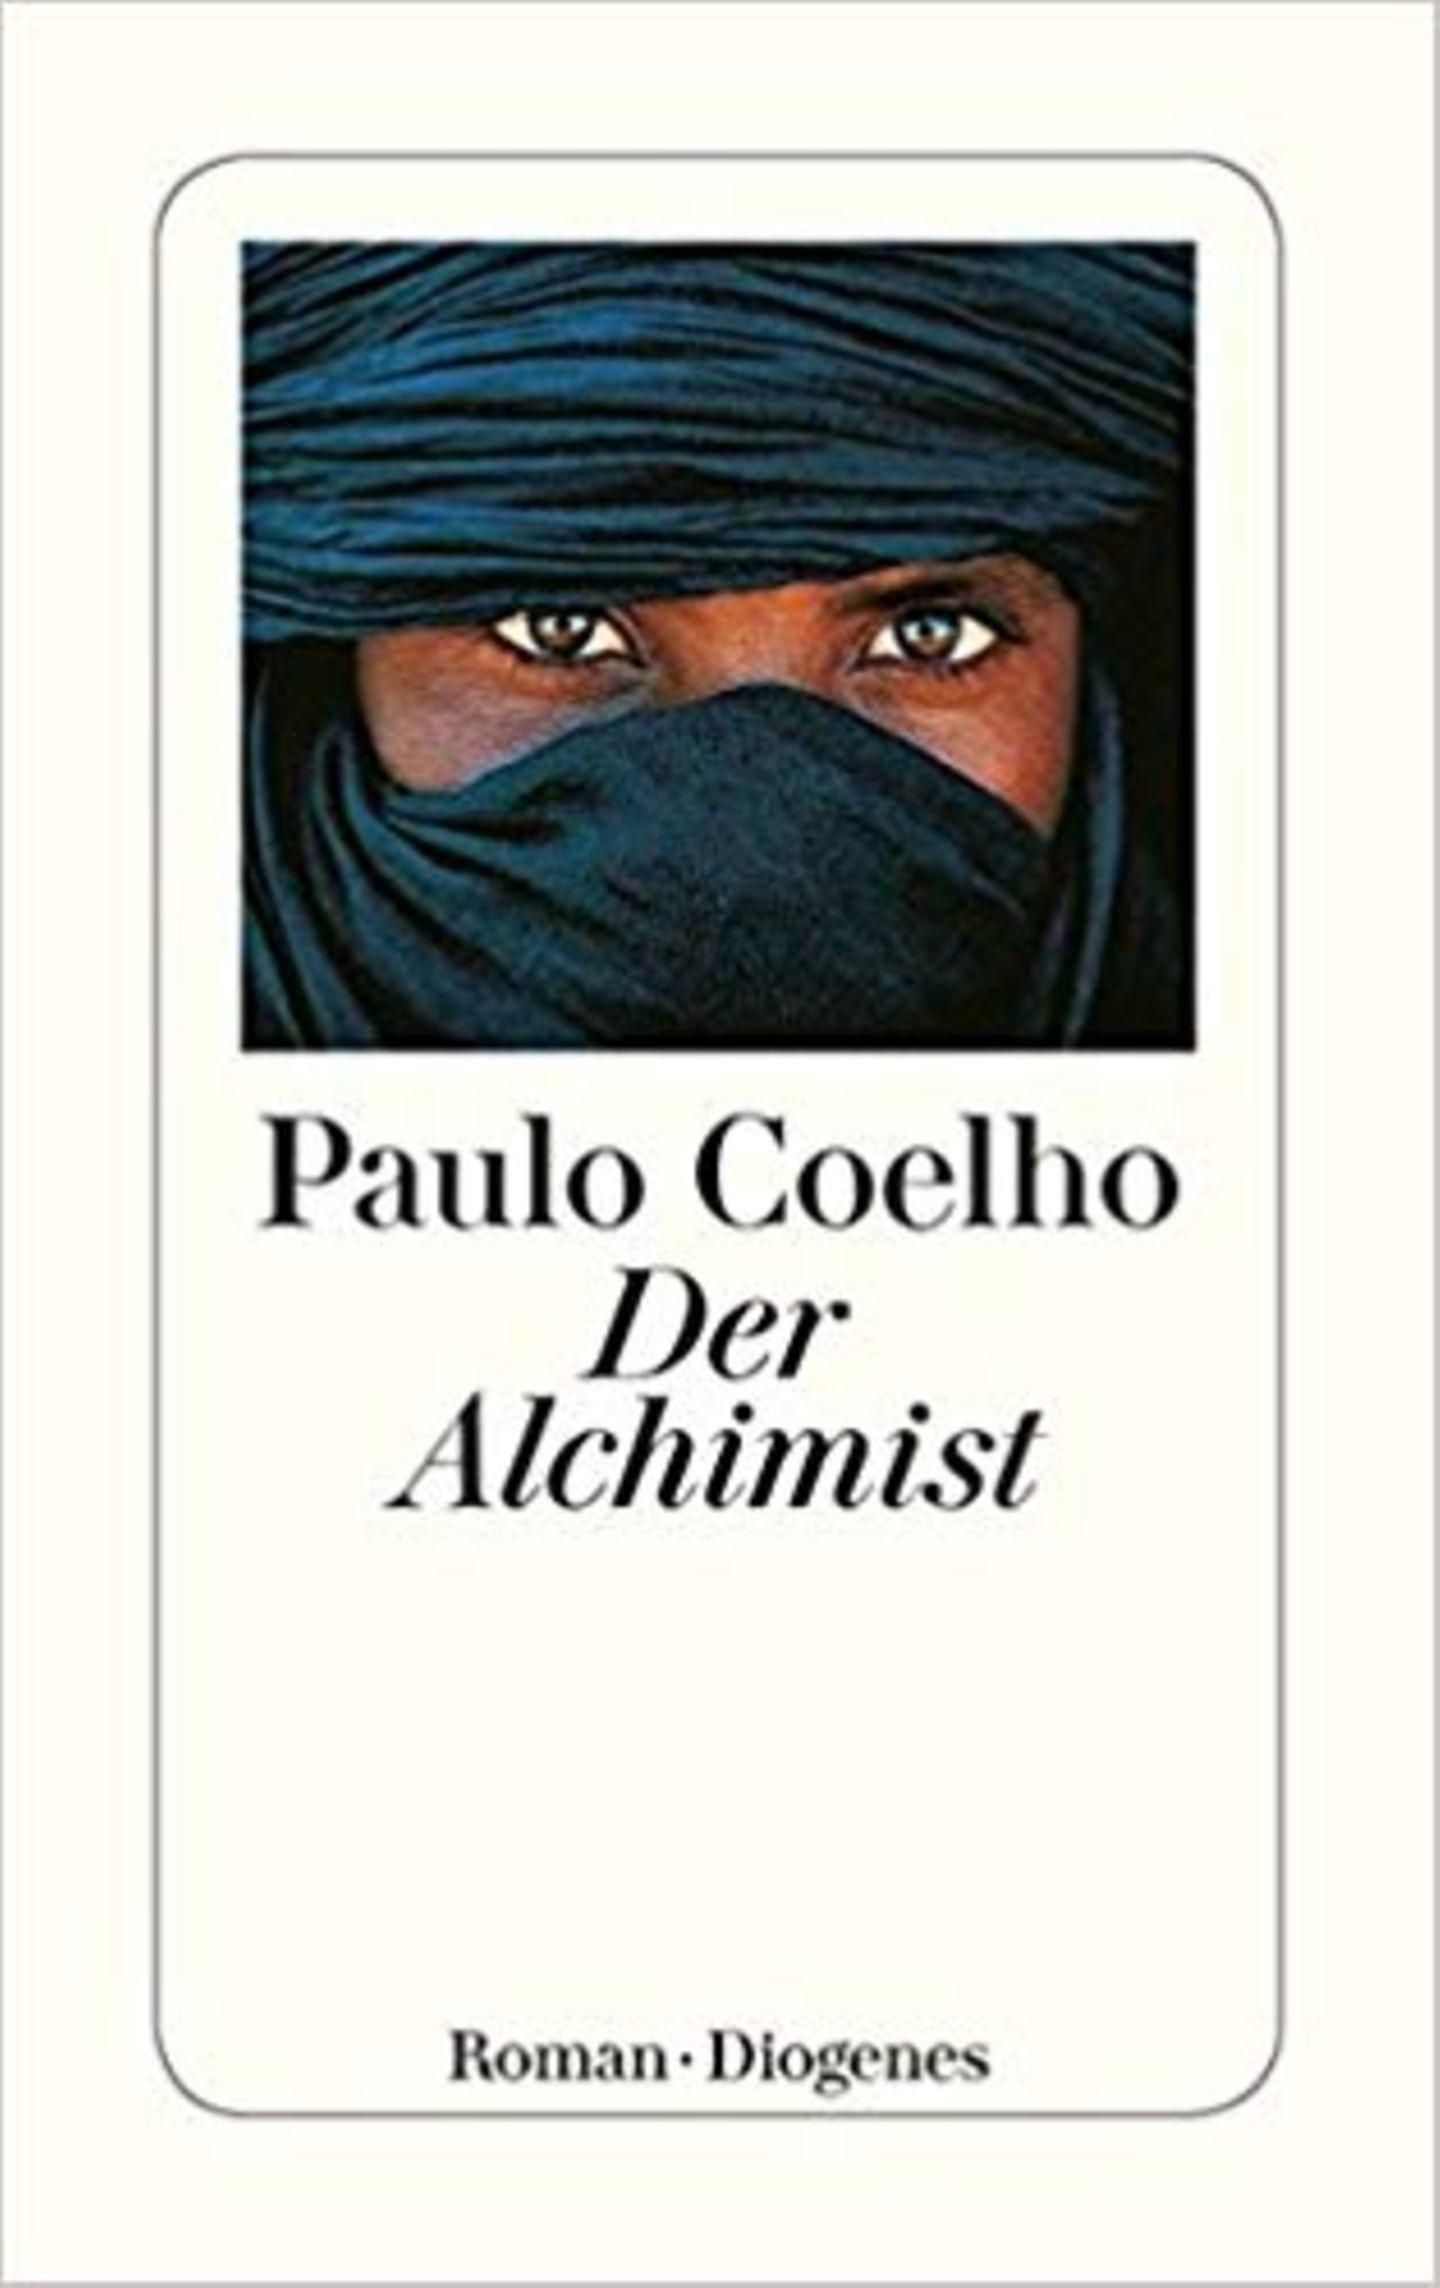 Weihnachtsgeschenke für den Partner: Der Alchimist von Paulo Coelho